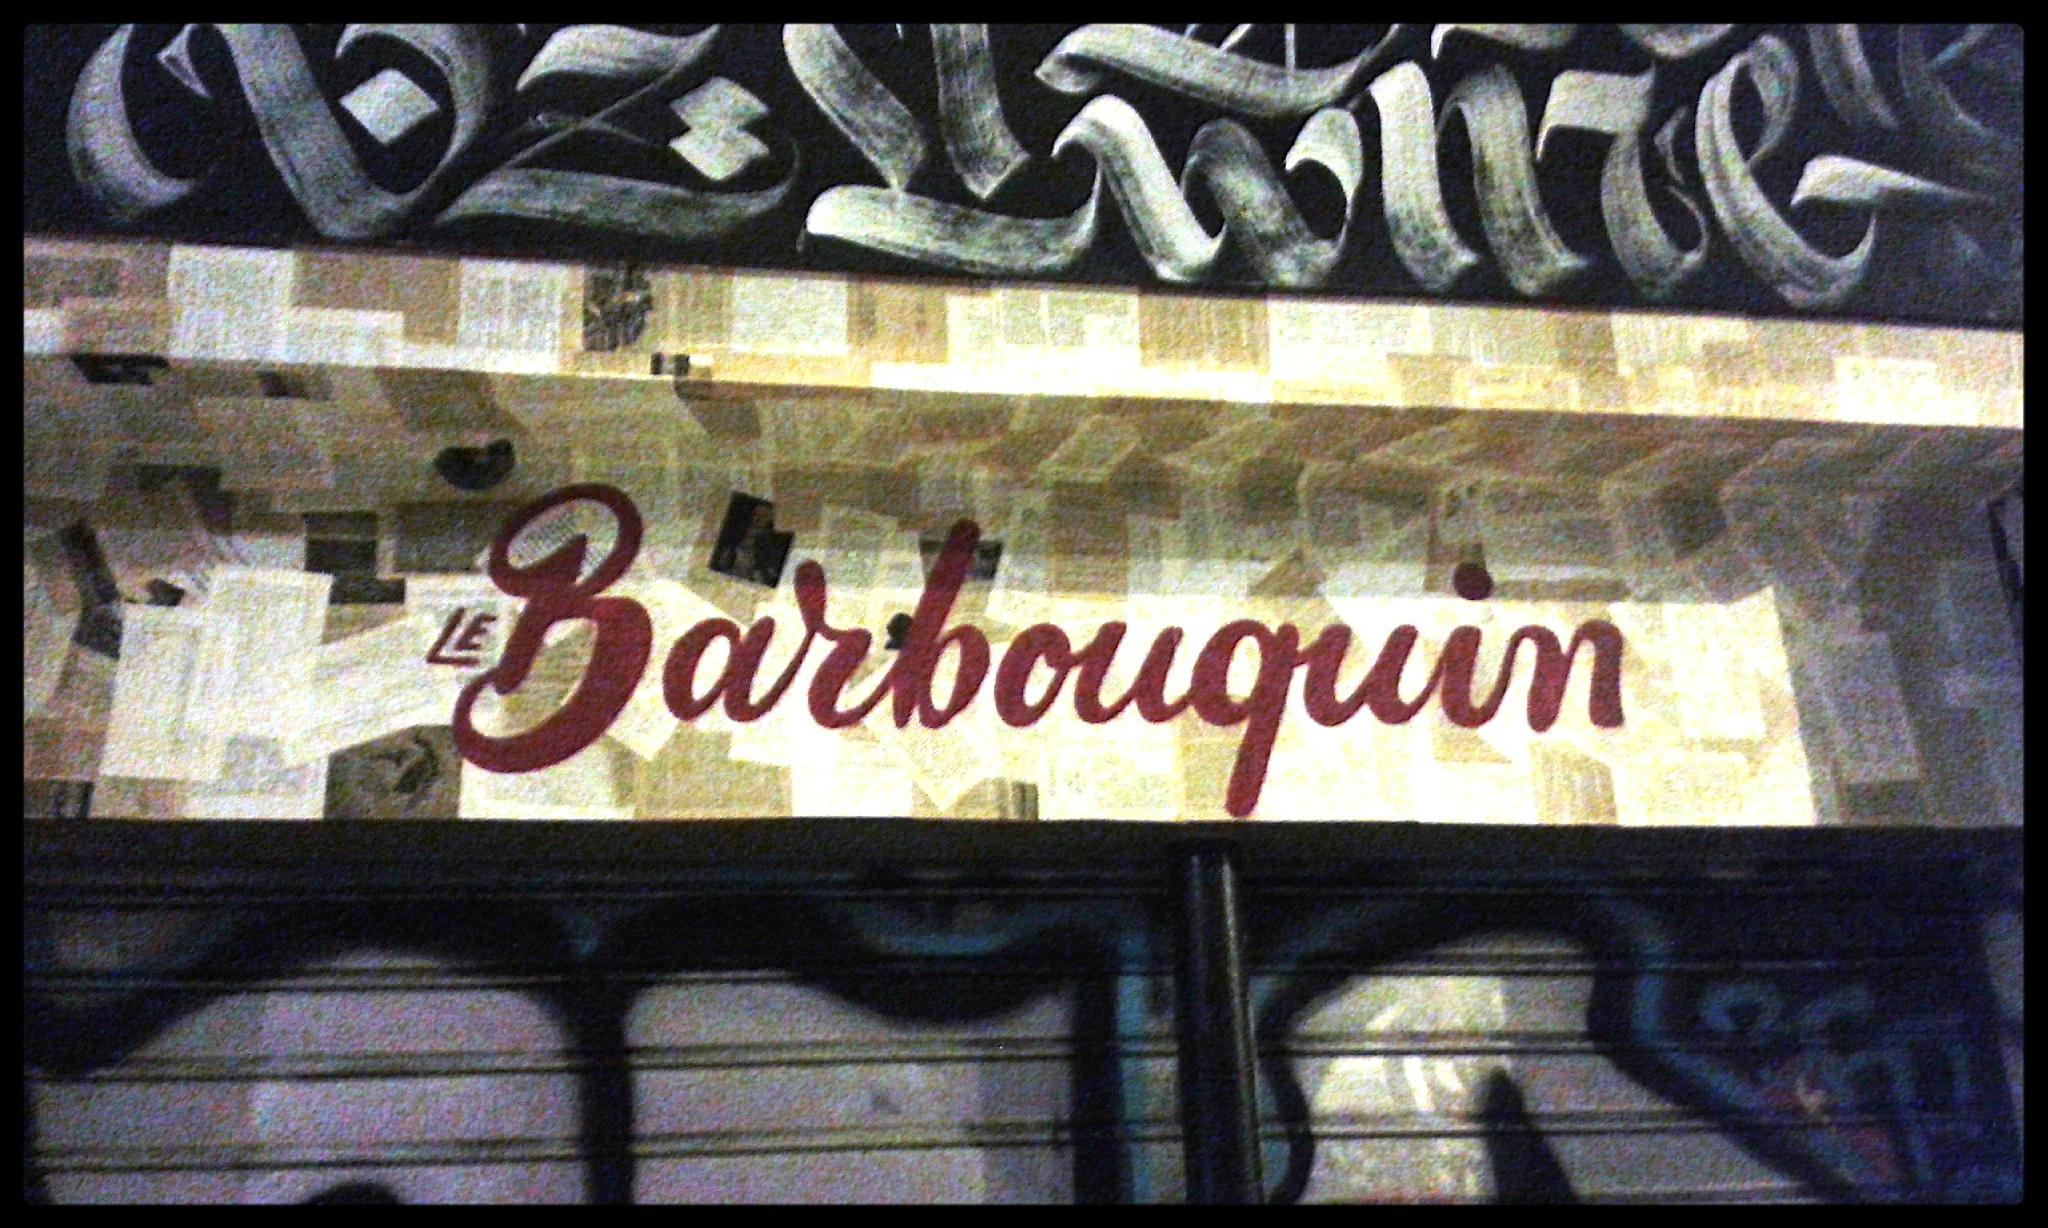 la-male-d-effeenne-barbouquin-les-carnets-découverte-livres